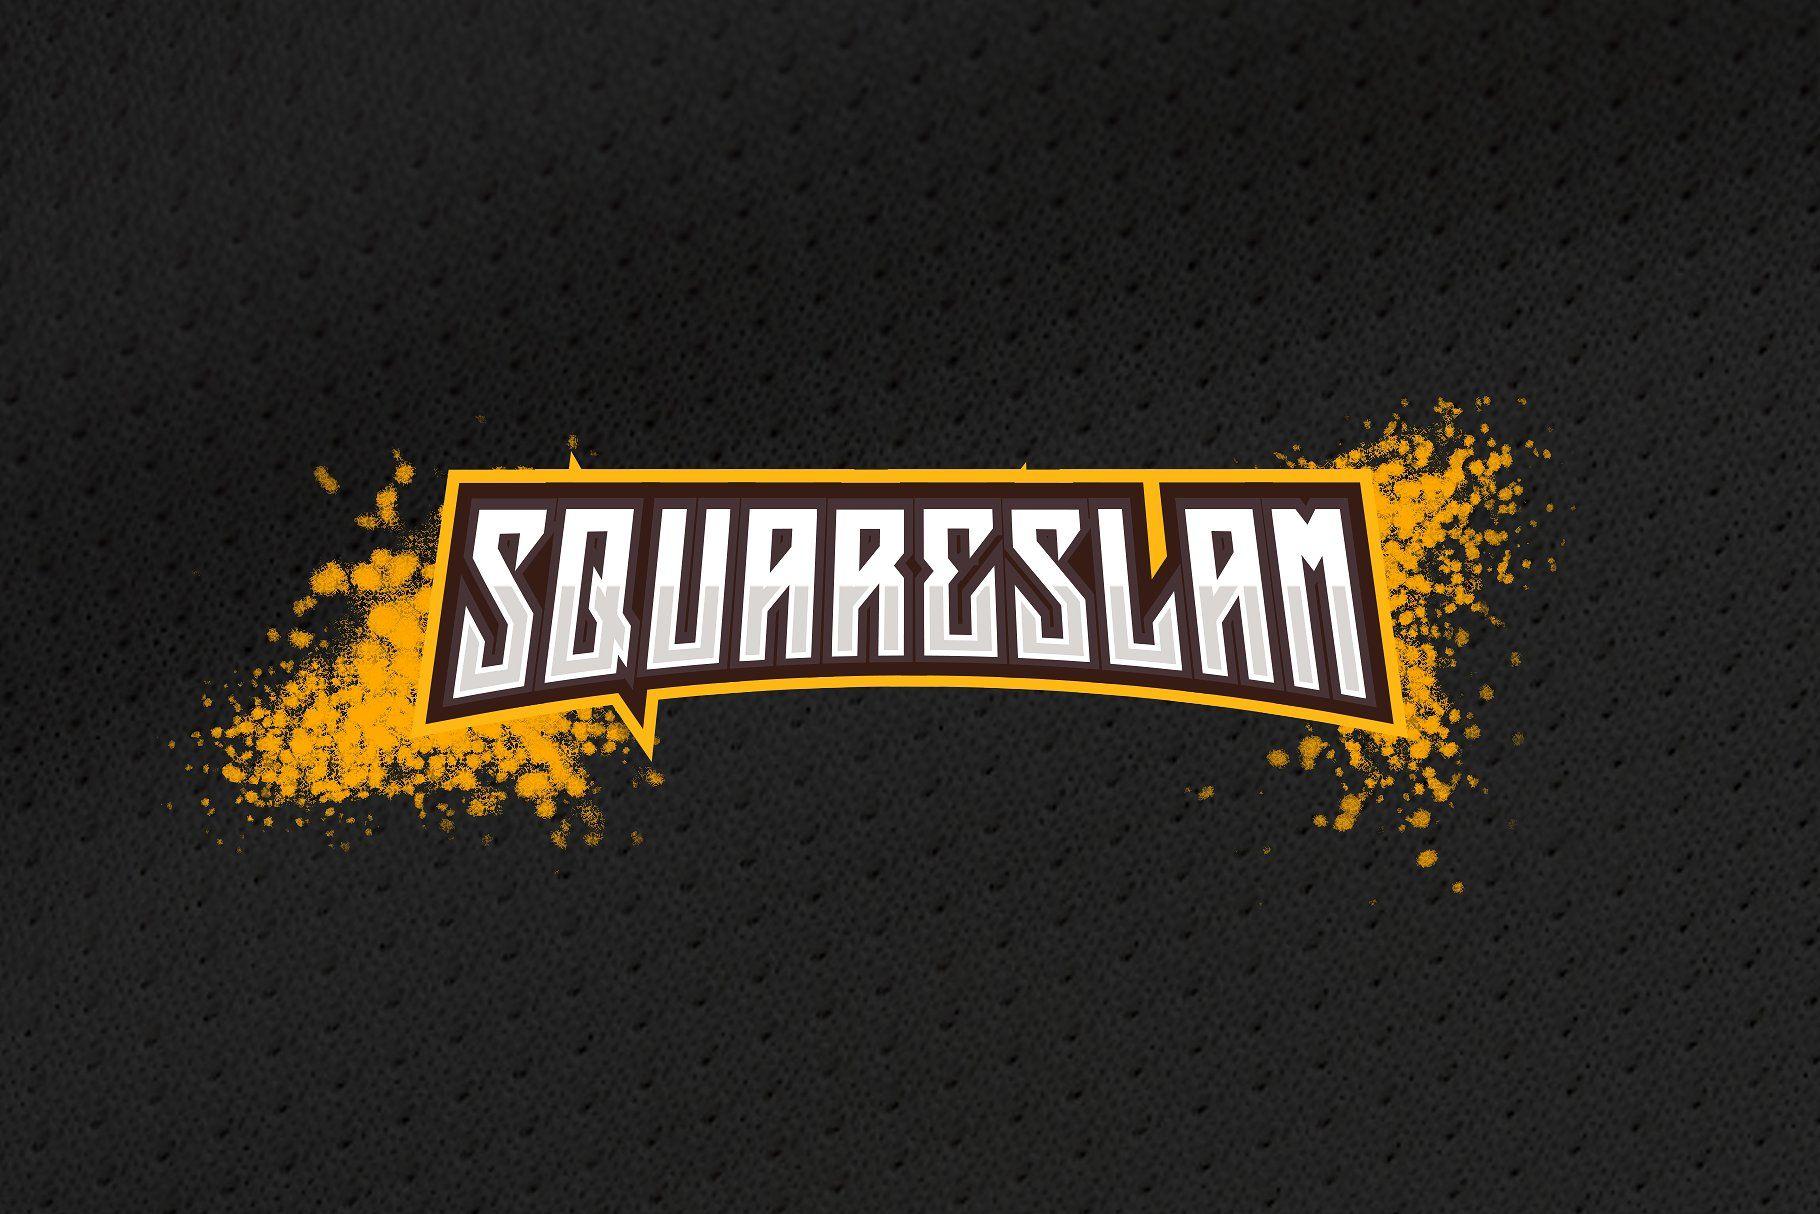 Squareslam Sports And Esports Font Community Logo Esports Mockup Photoshop